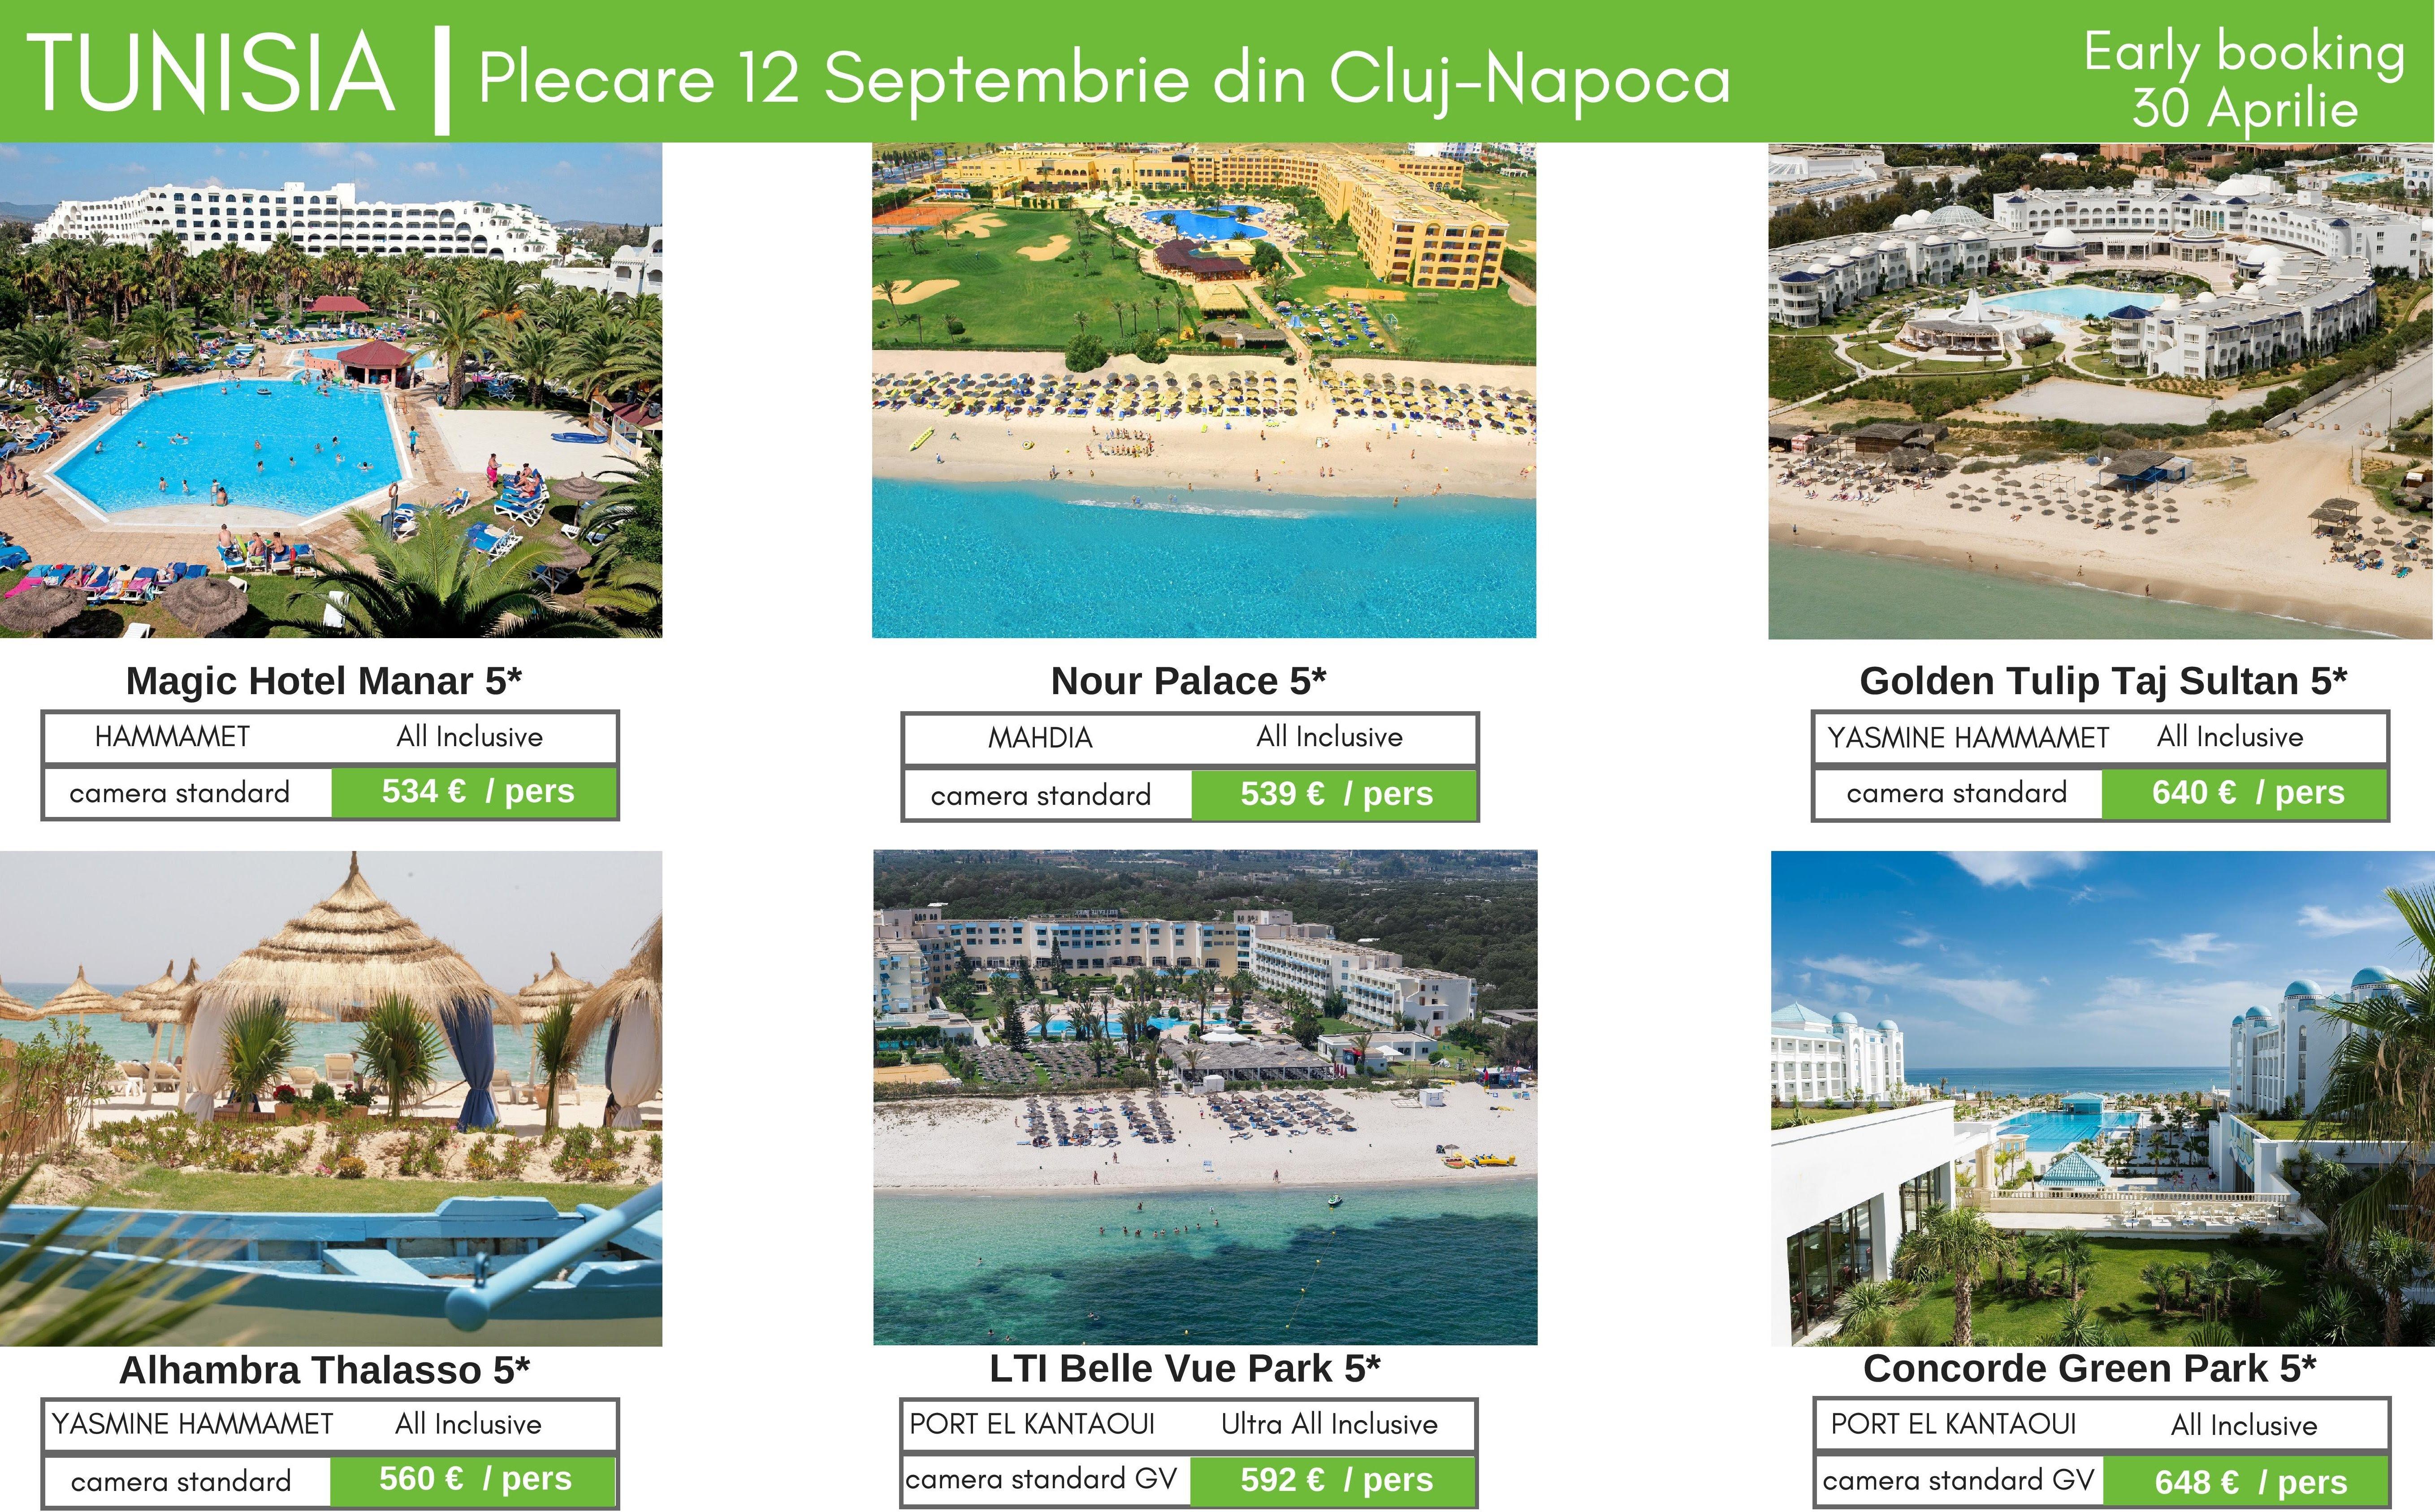 TUNISIA | Super oferte pentru plecarea din 12 Septembrie